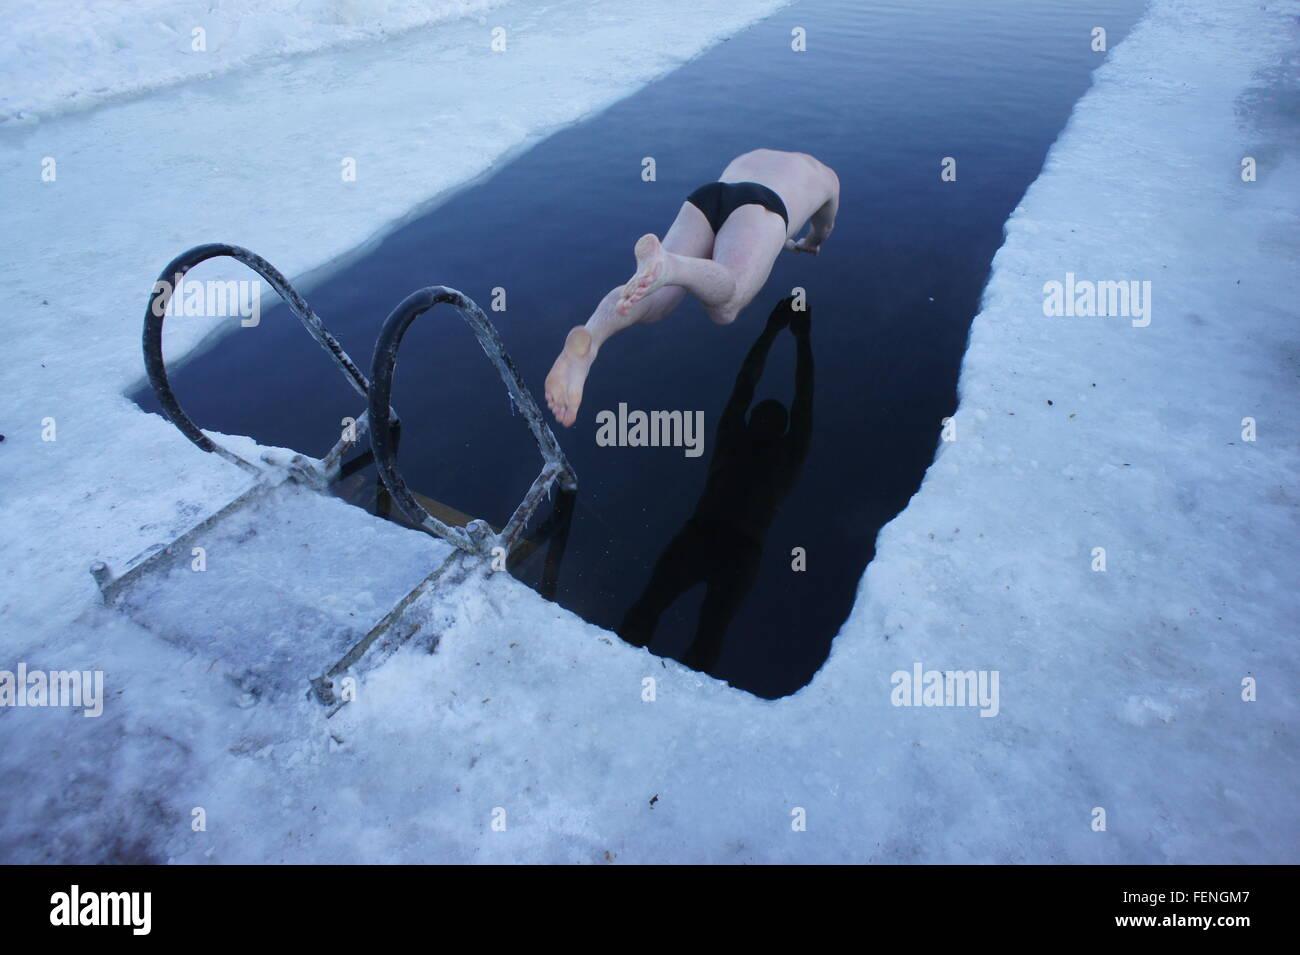 La longueur totale de l'homme congelé Plongée en piscine Photo Stock